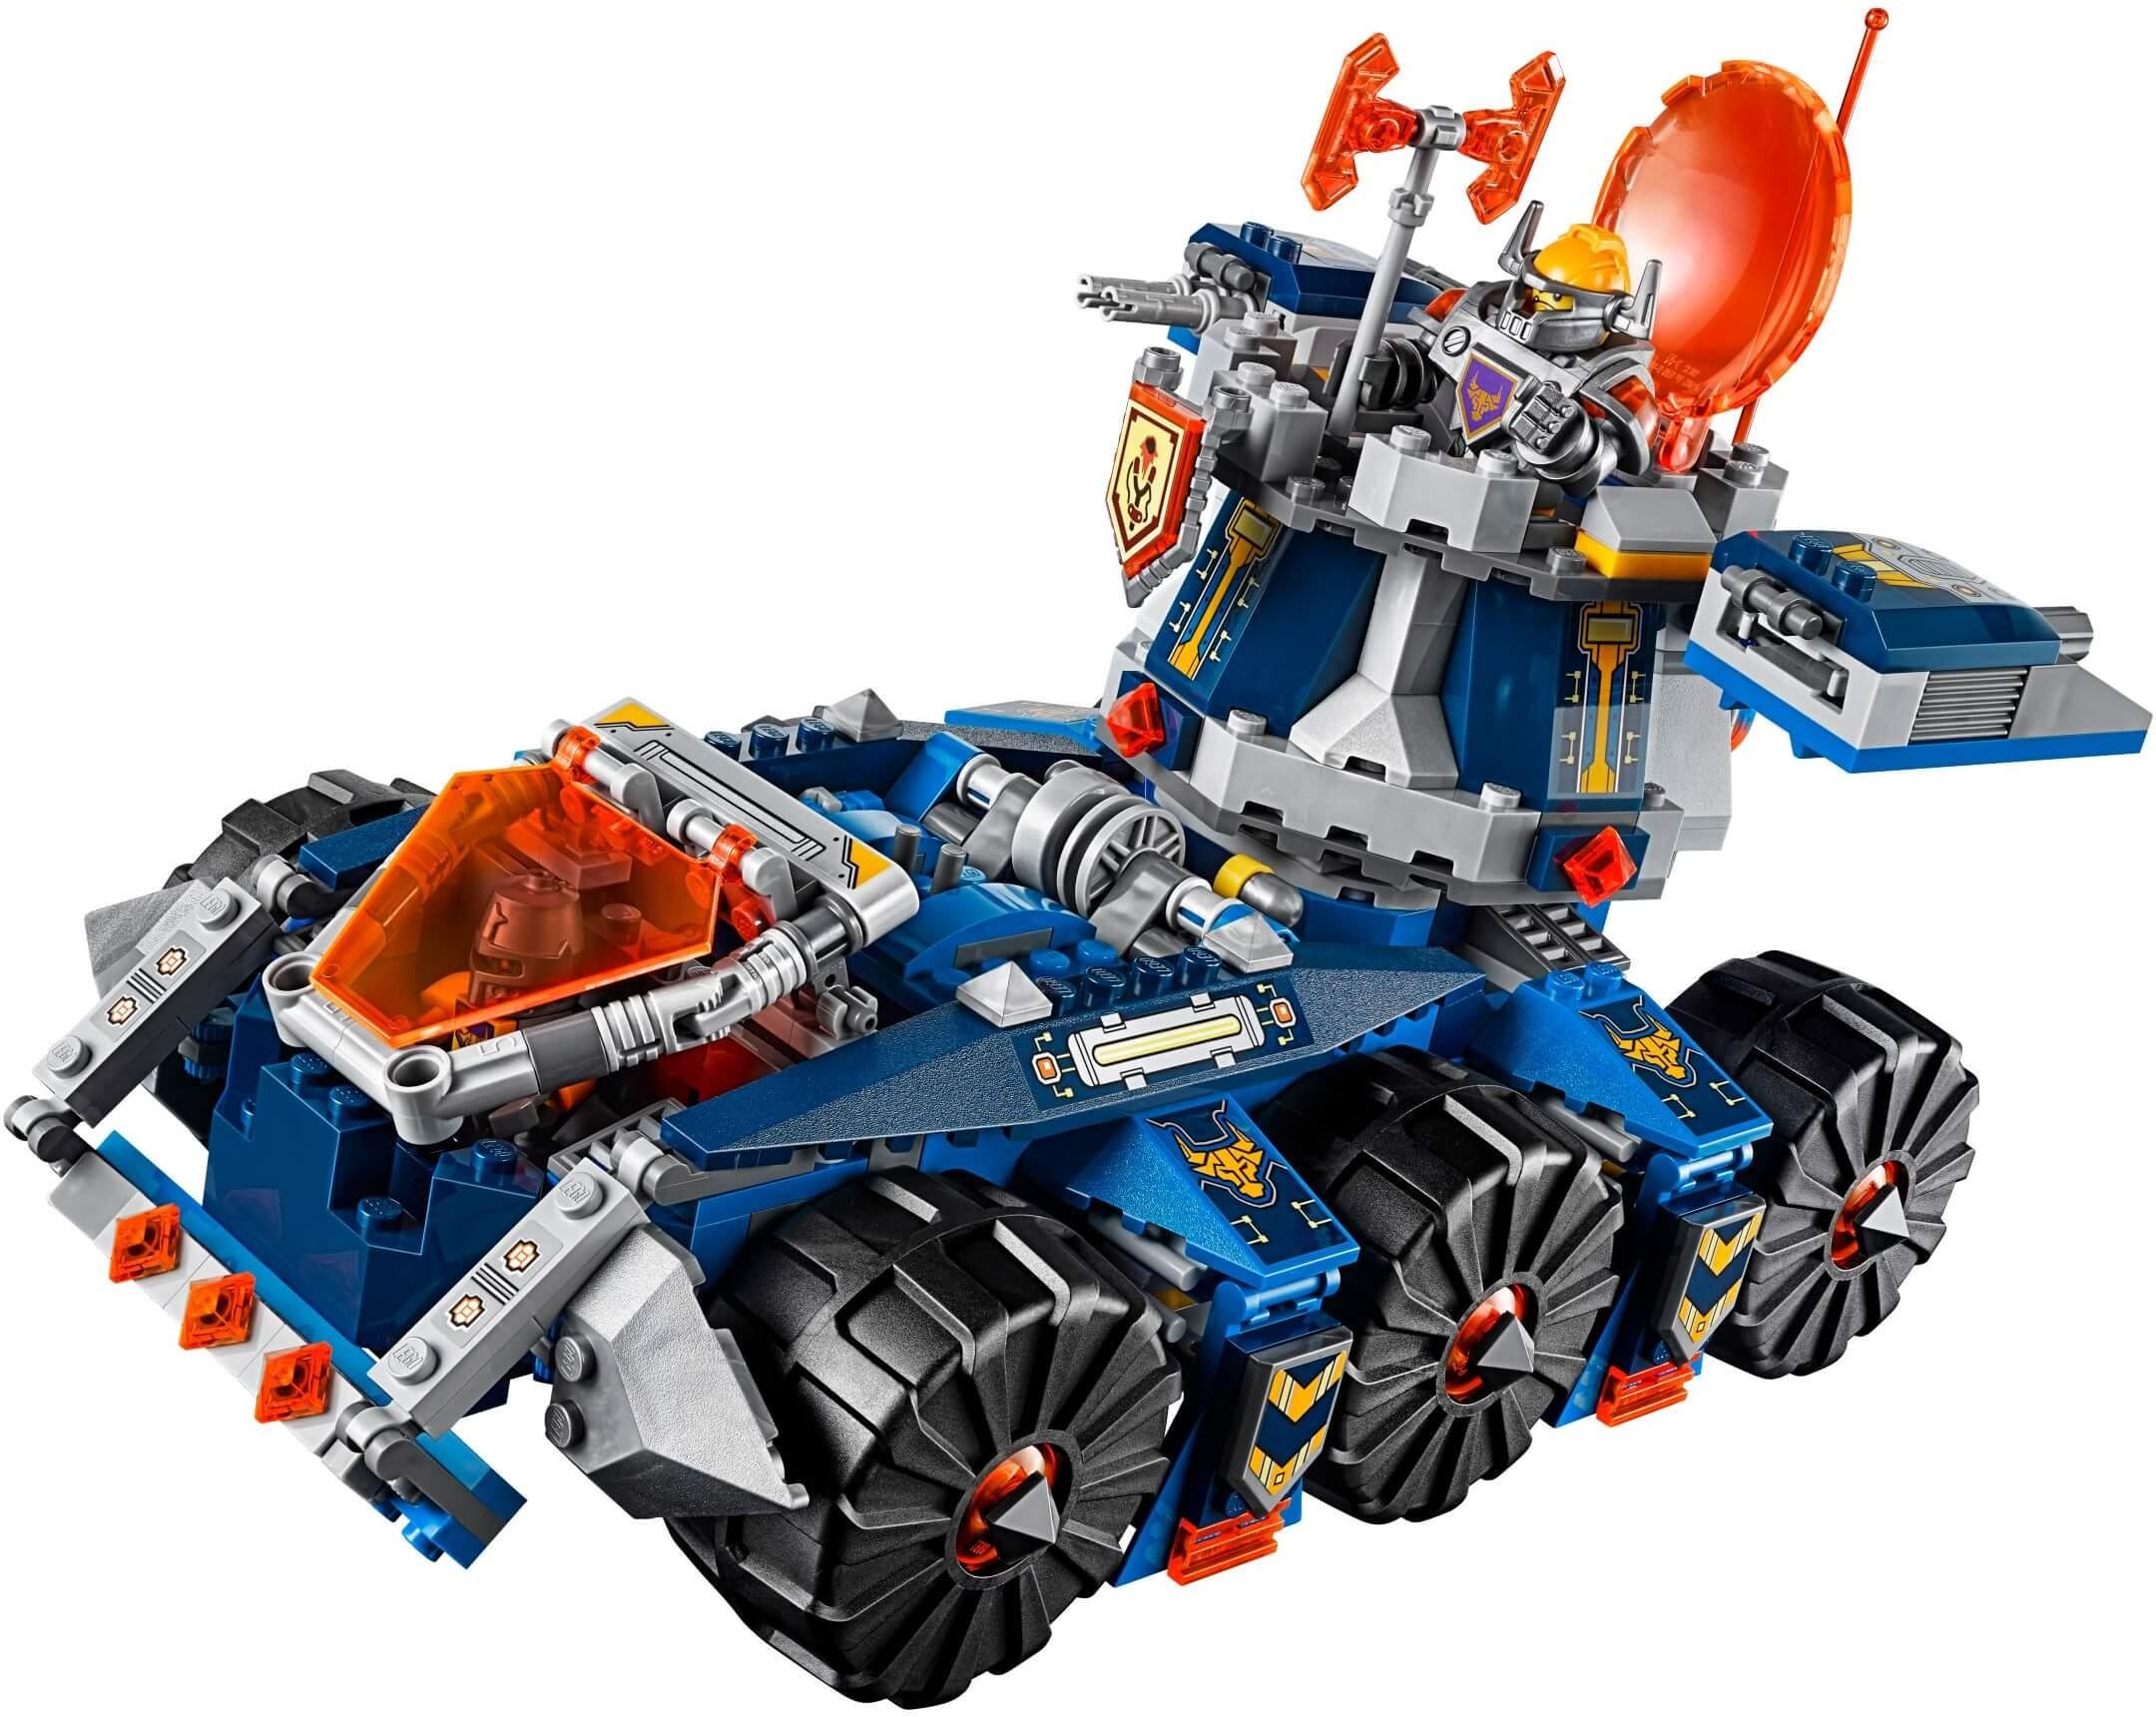 Mua đồ chơi LEGO 70322 - LEGO Nexo Knights 70322 - Tháp Canh di động của Axl (LEGO Nexo Knights Axl's Tower Carrier 70322)